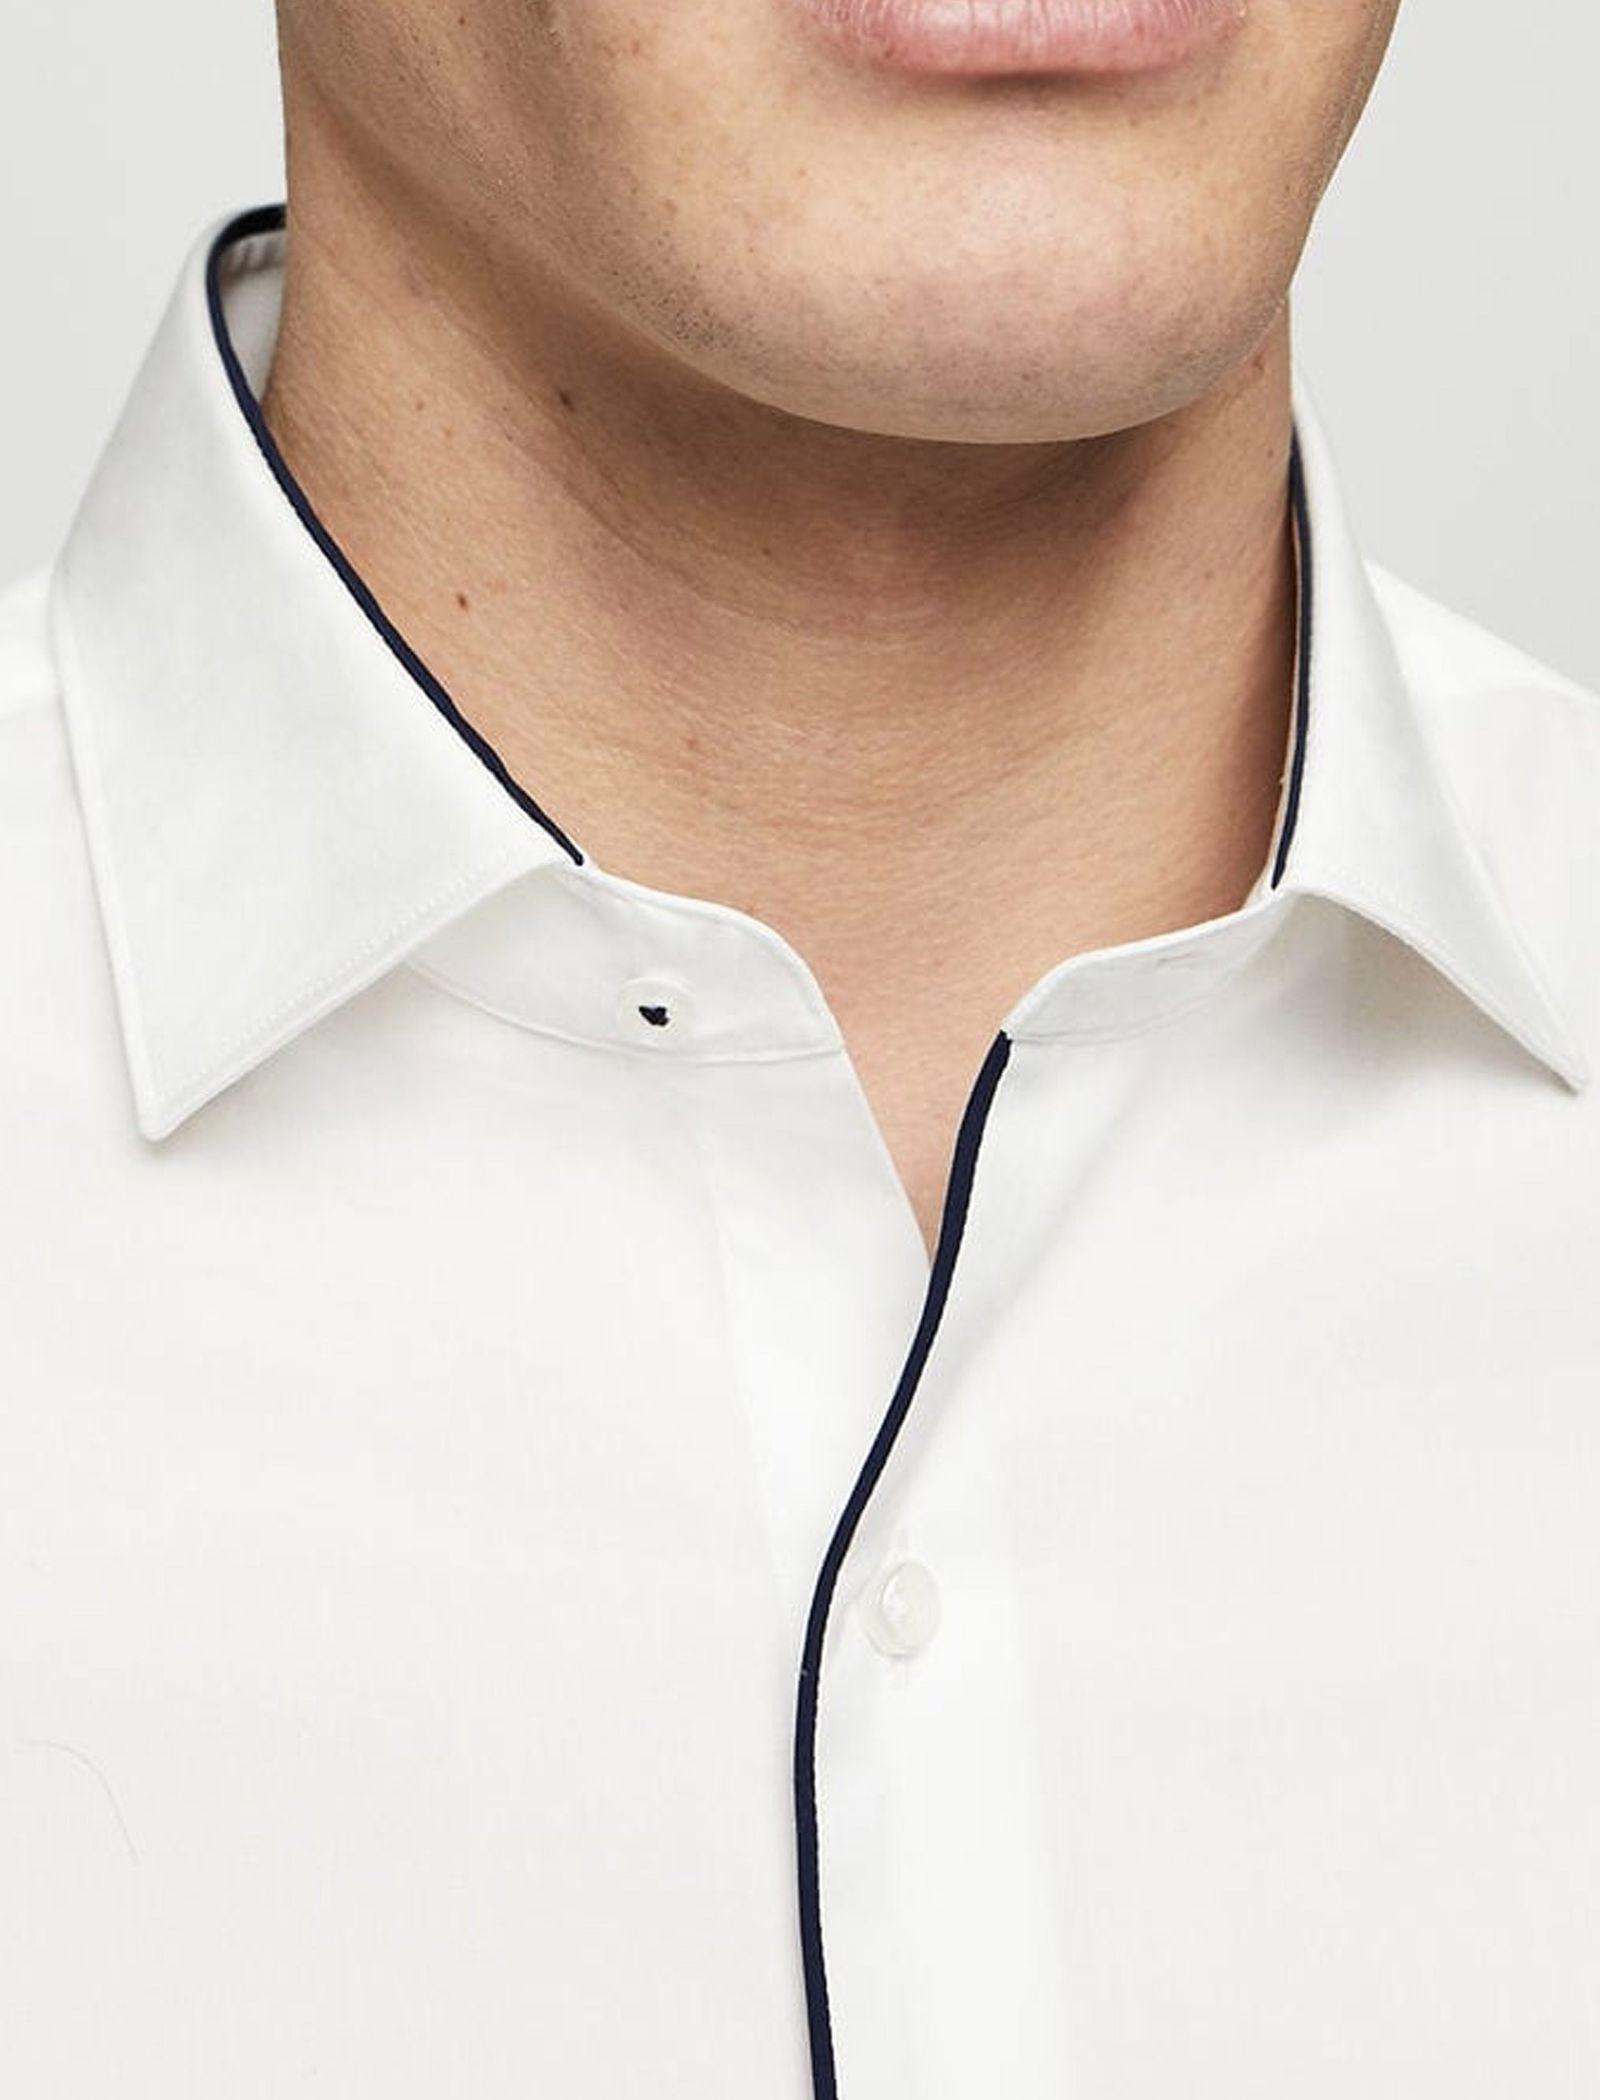 پیراهن نخی آستین بلند مردانه - مانگو - سفيد - 9